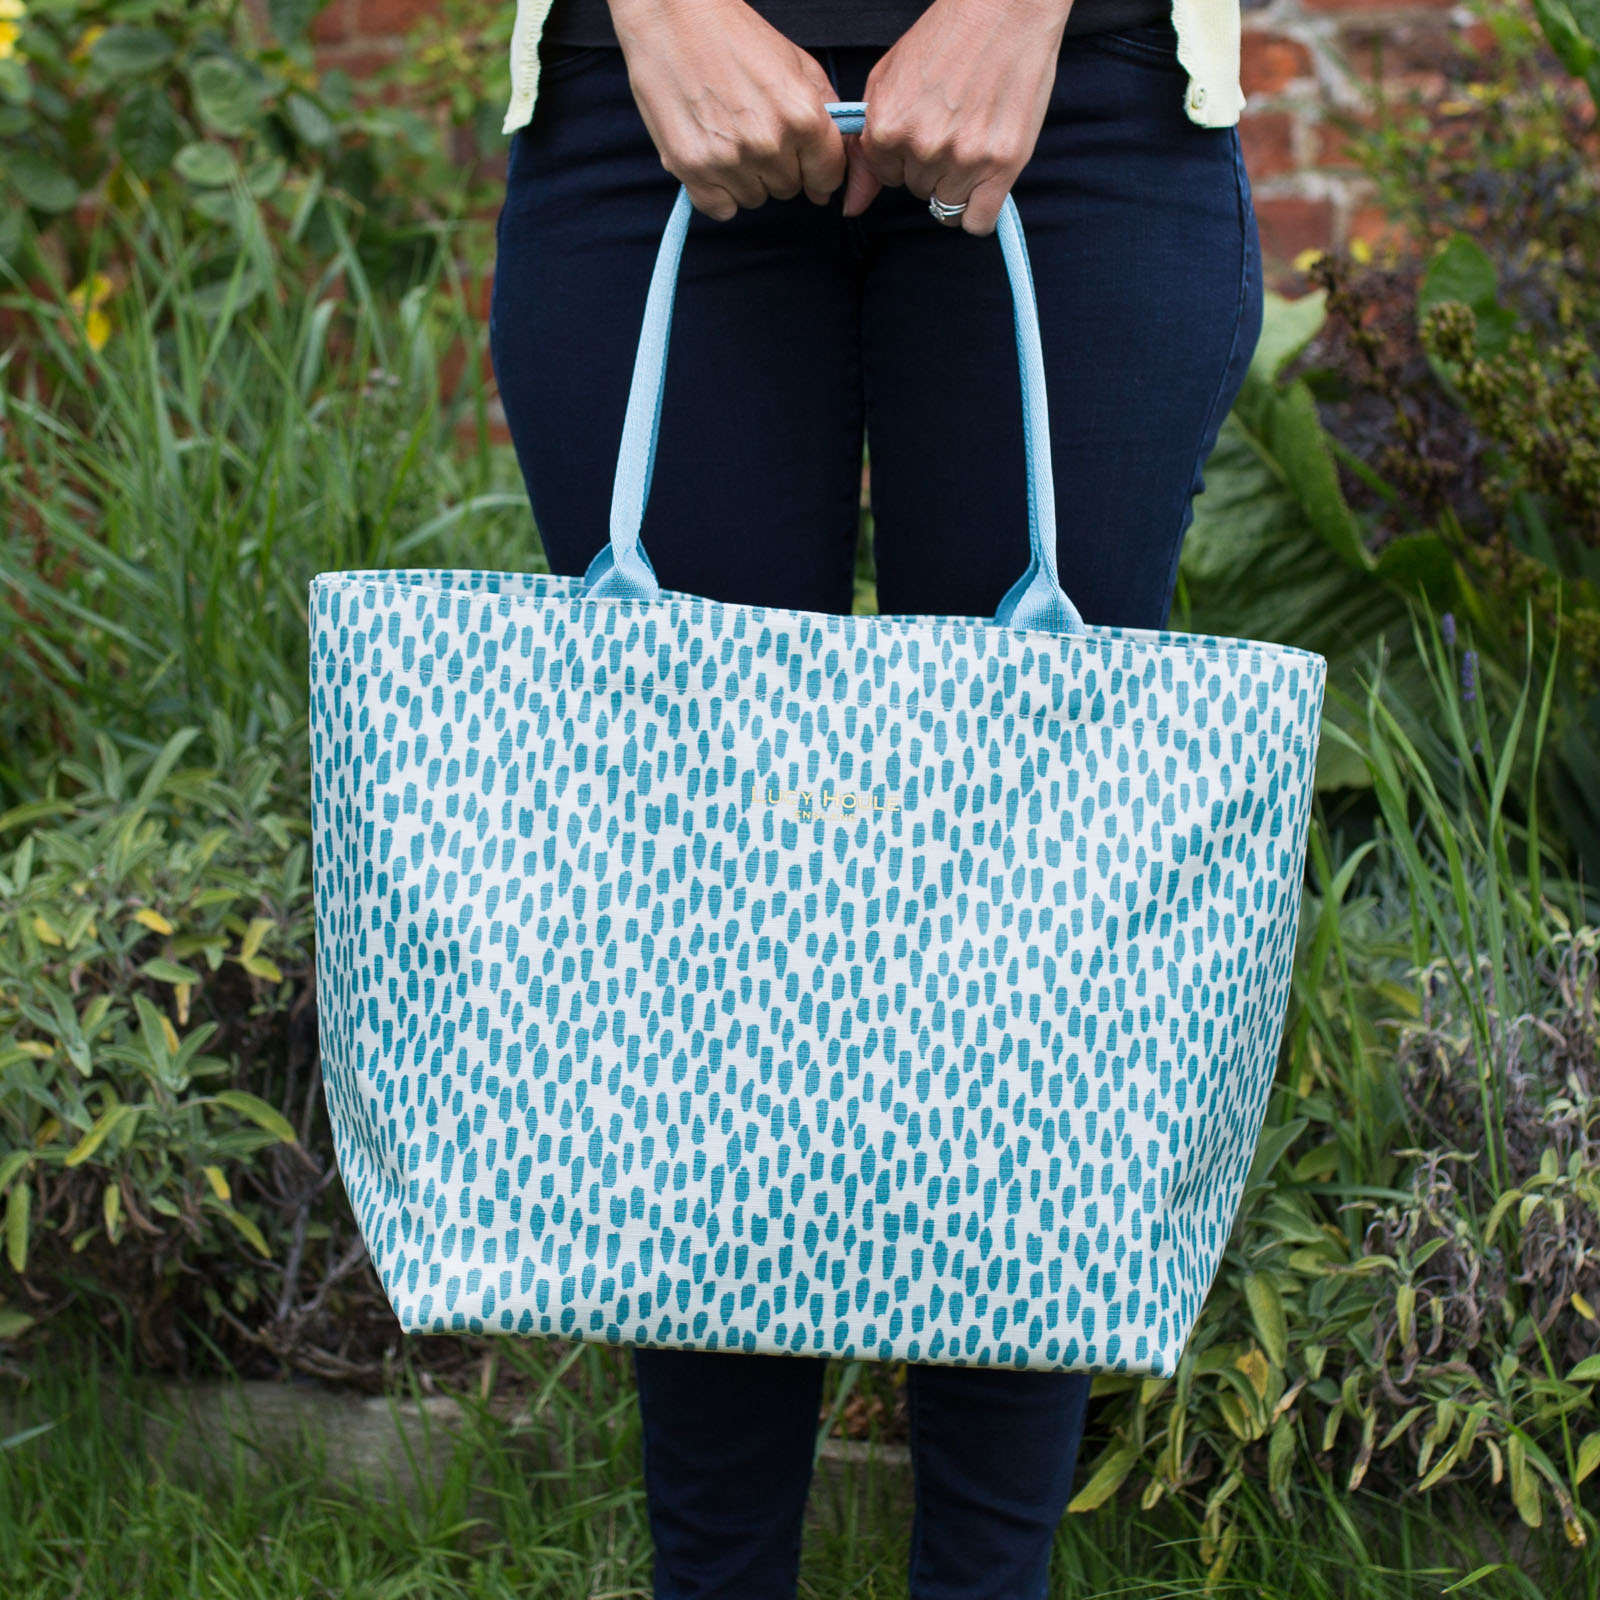 Aqua Cobblestone Medium Zip Tote Bag with Aqua Handles